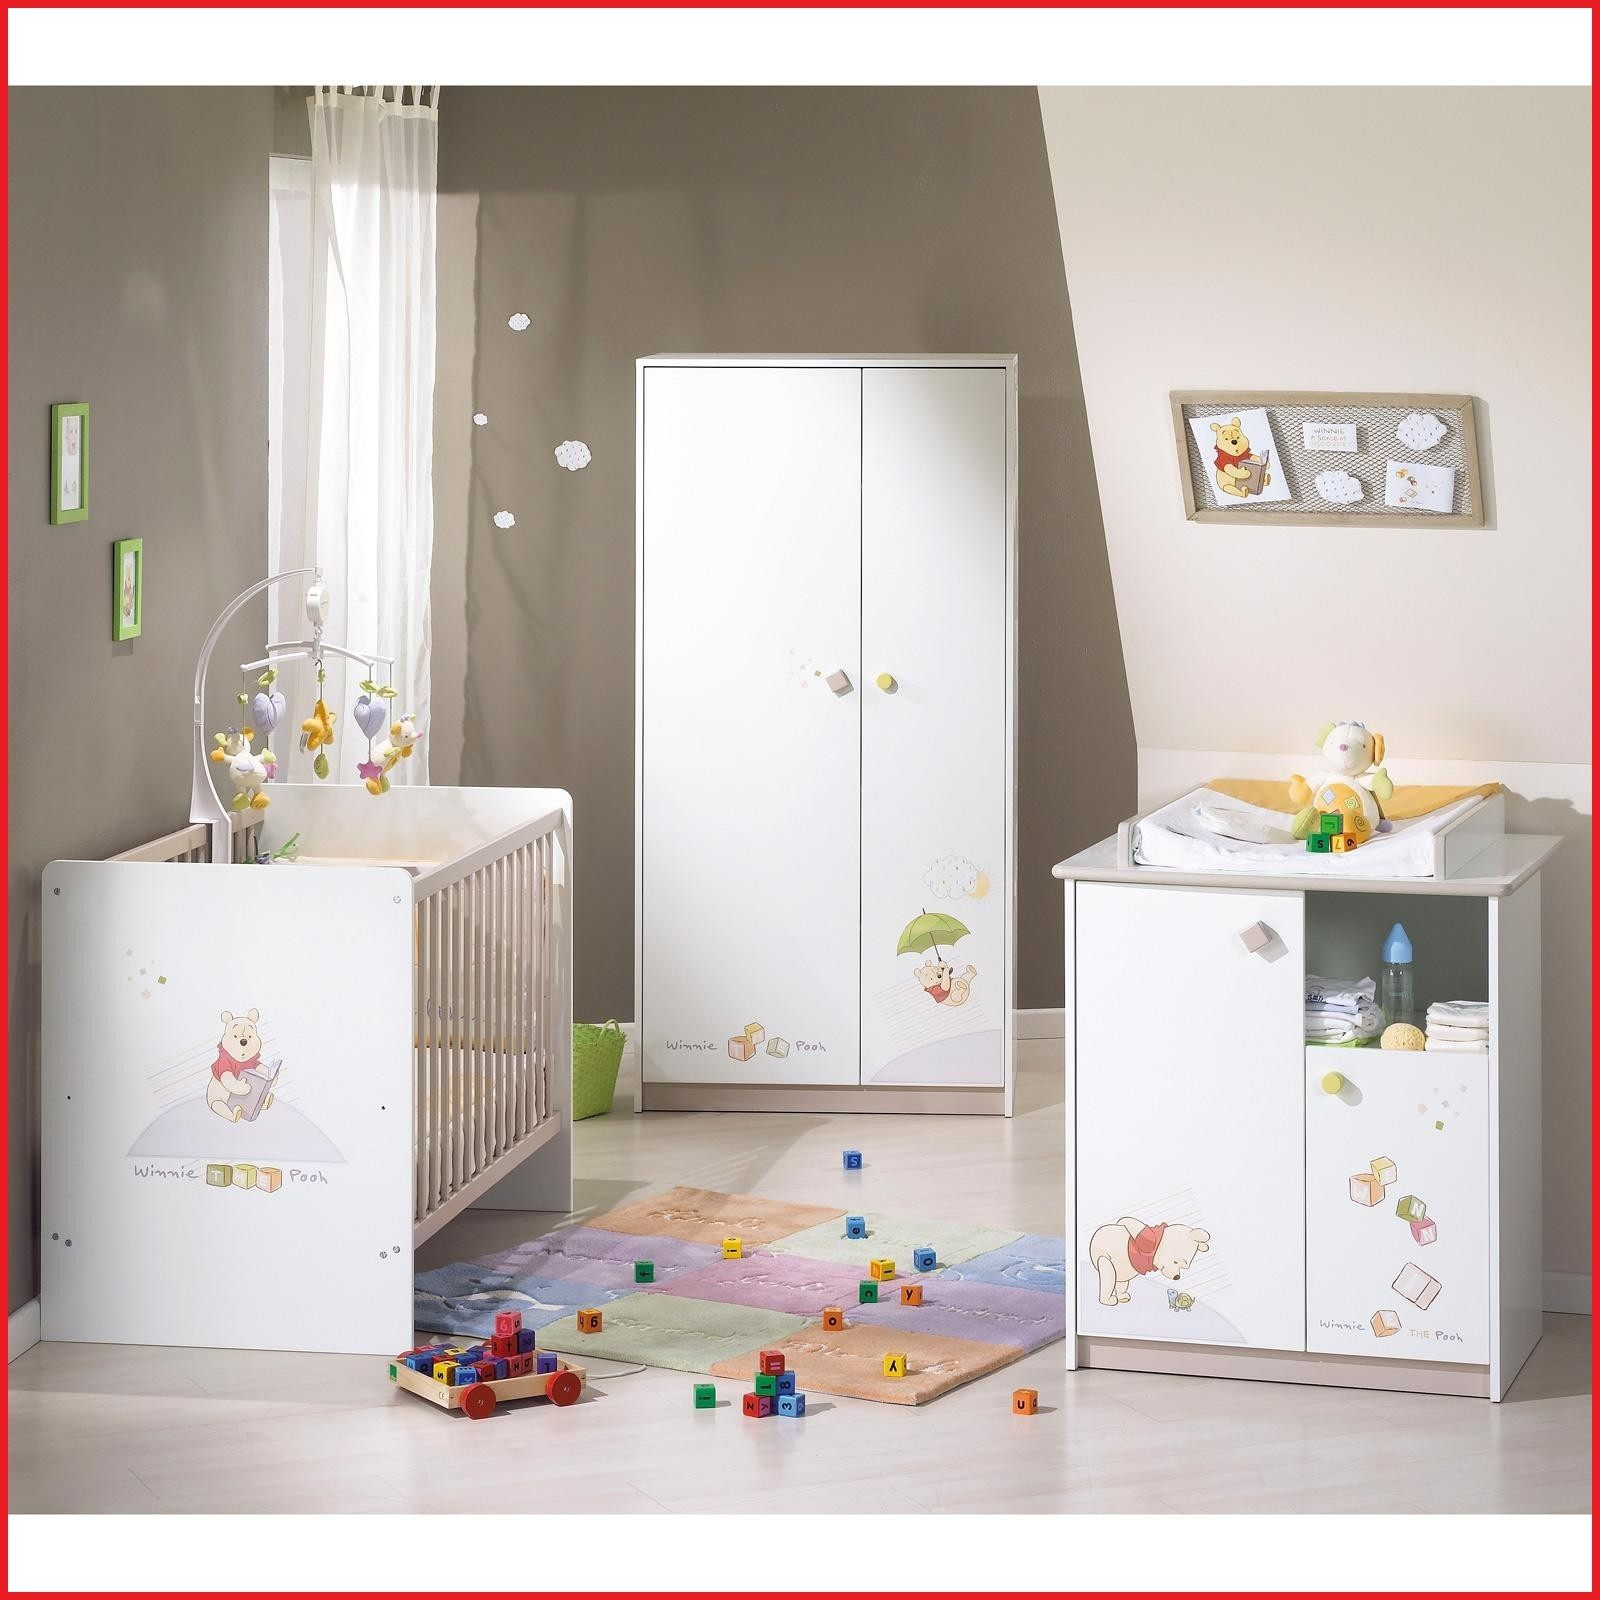 Lit Bébé Aubert Génial Baignoire Bébé Aubert Chaise Chambre Bebe Lovely 20 Luxury Chambre